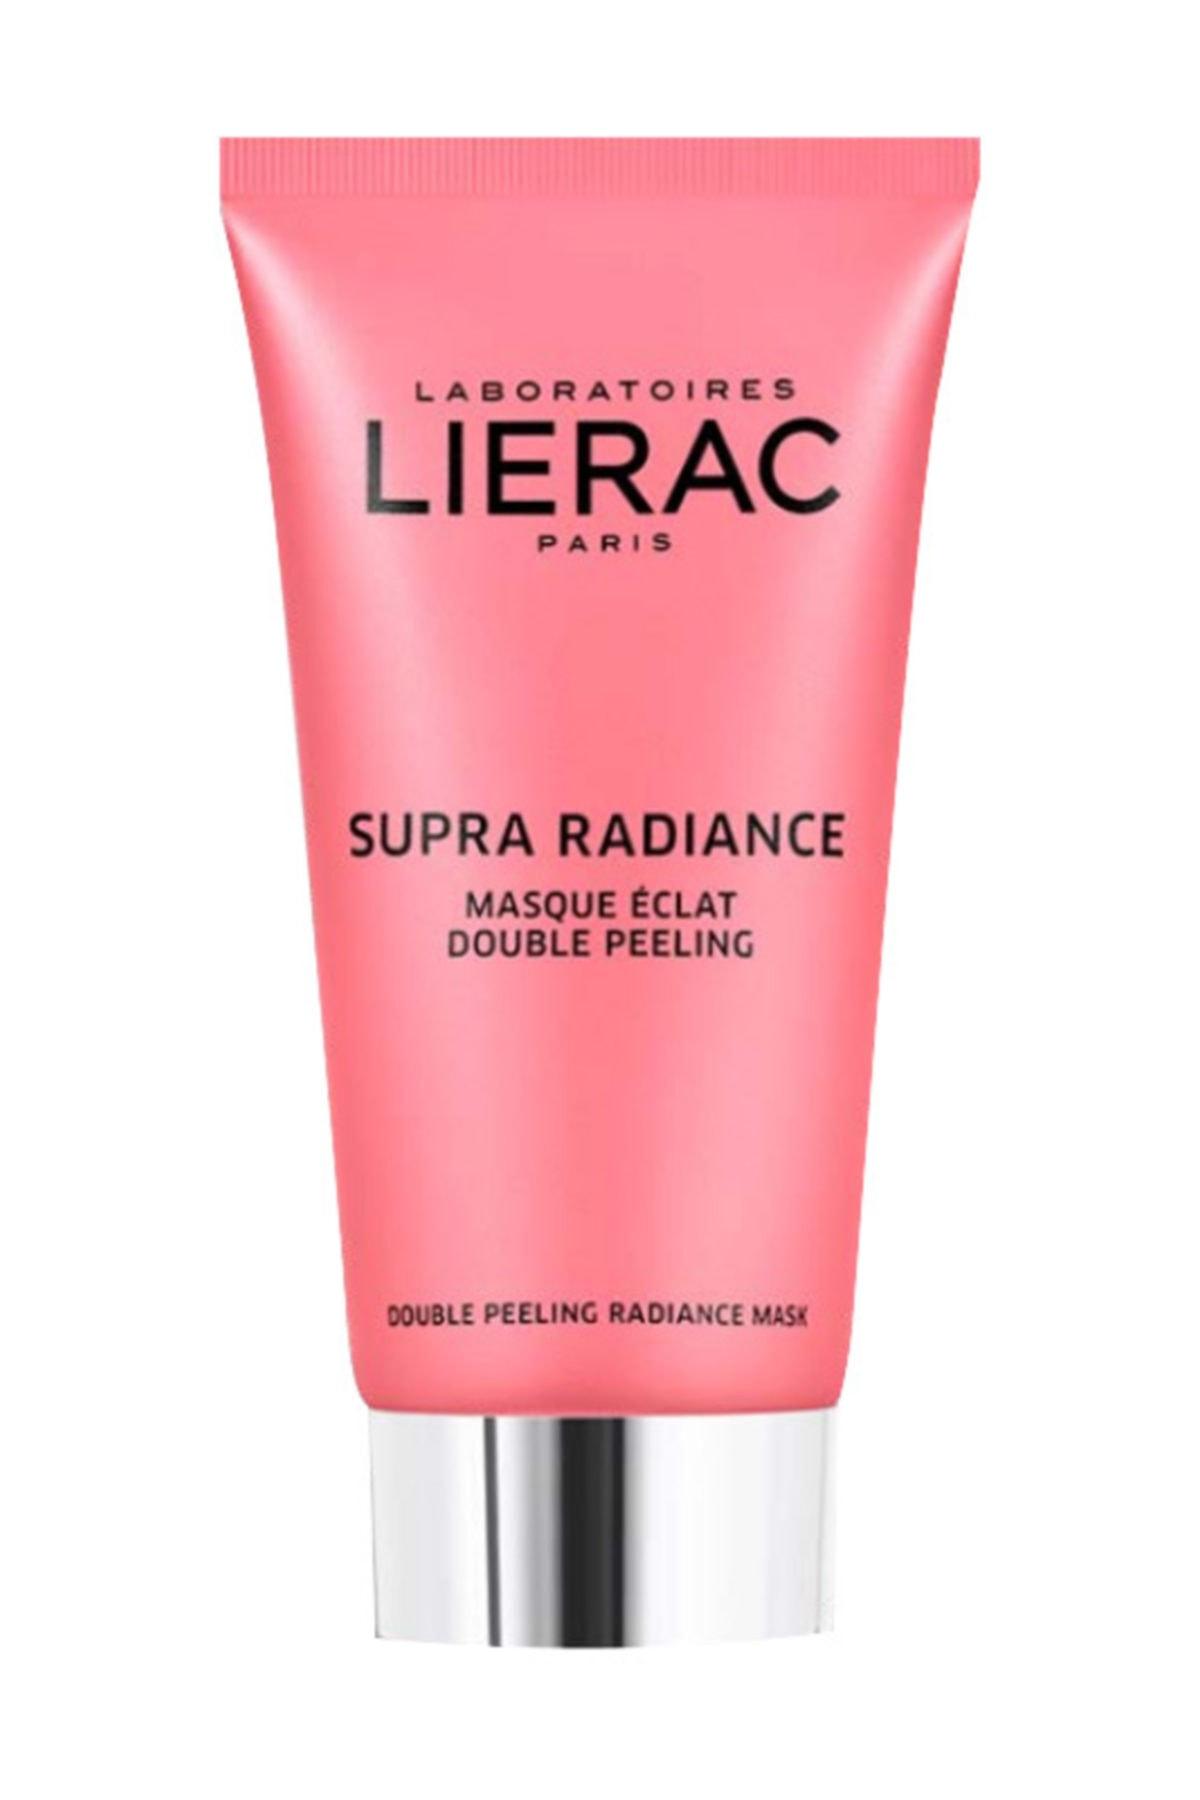 Lierac Supra Radiance Masque Eclat 75ml 3508240003401 1